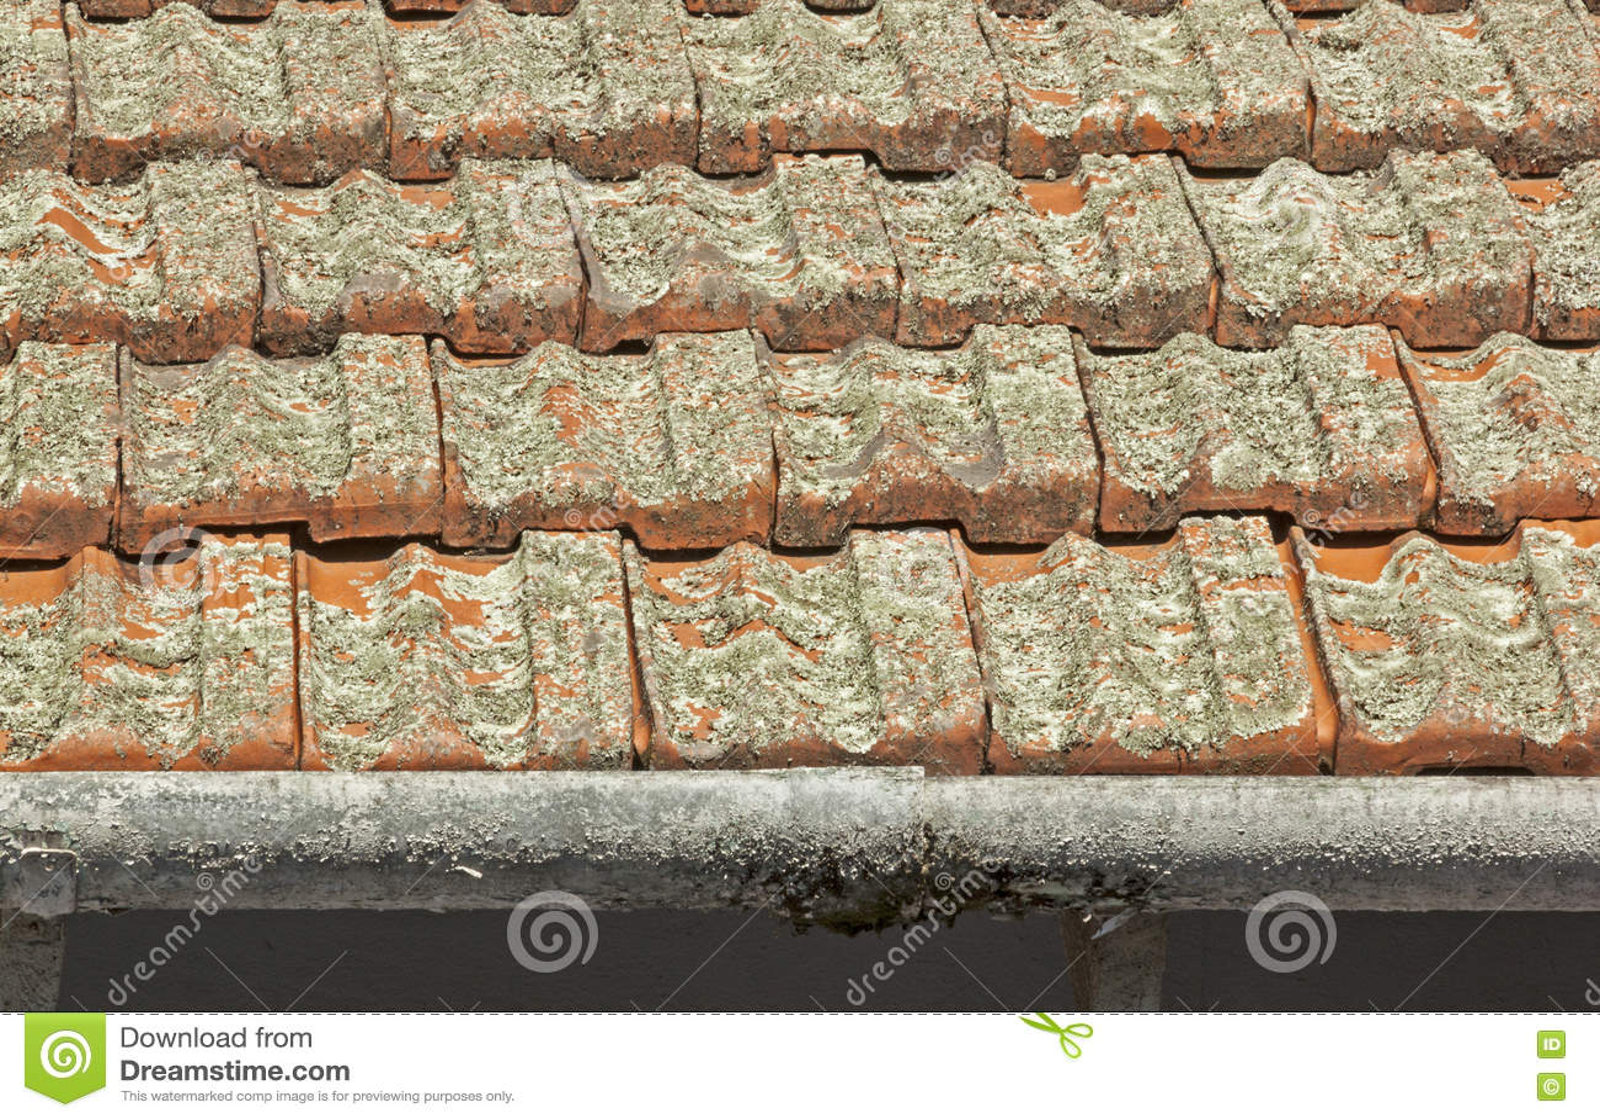 Clay Roof Tiles Covered i lav med skalningsavloppsrännor